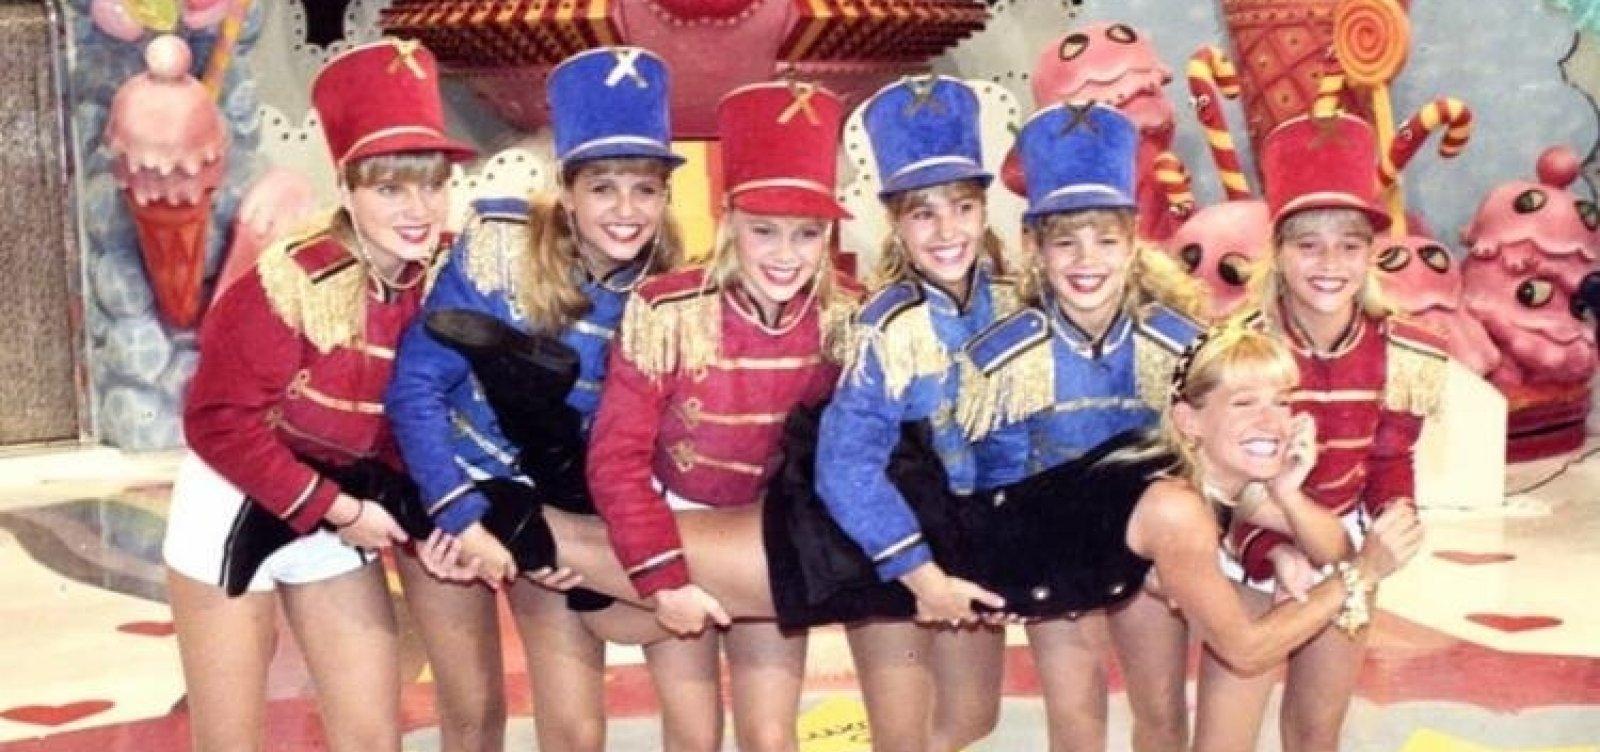 Xuxa emociona fãs ao publicar foto com a 1ª geração das paquitas